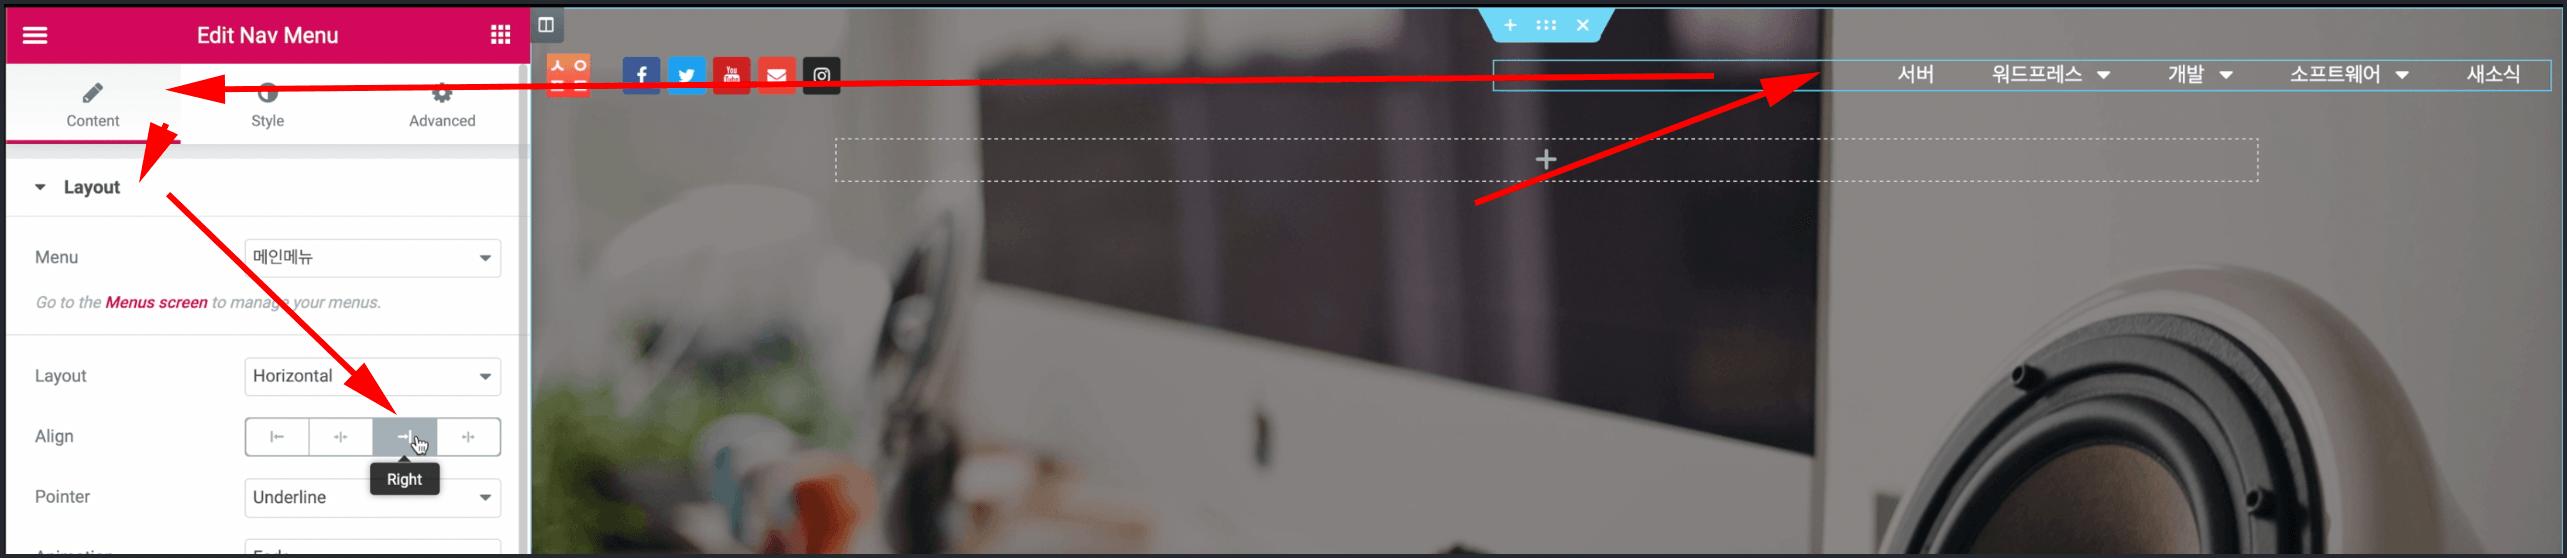 Nav Menu 위젯의 메뉴 텍스트가 오른쪽으로 정렬됨